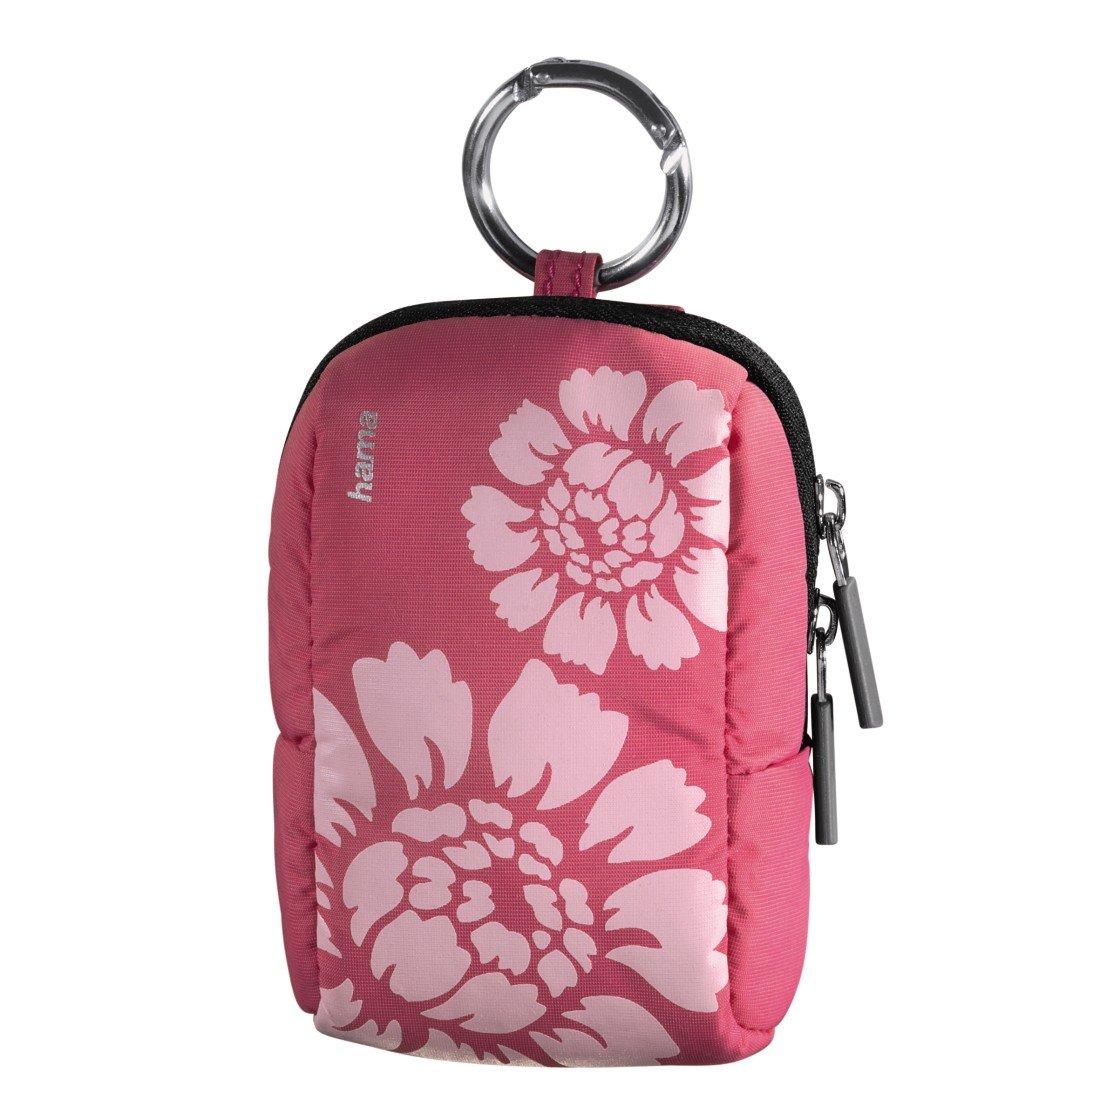 Hama 00126642 Caja compacta Rosa estuche para cámara ...